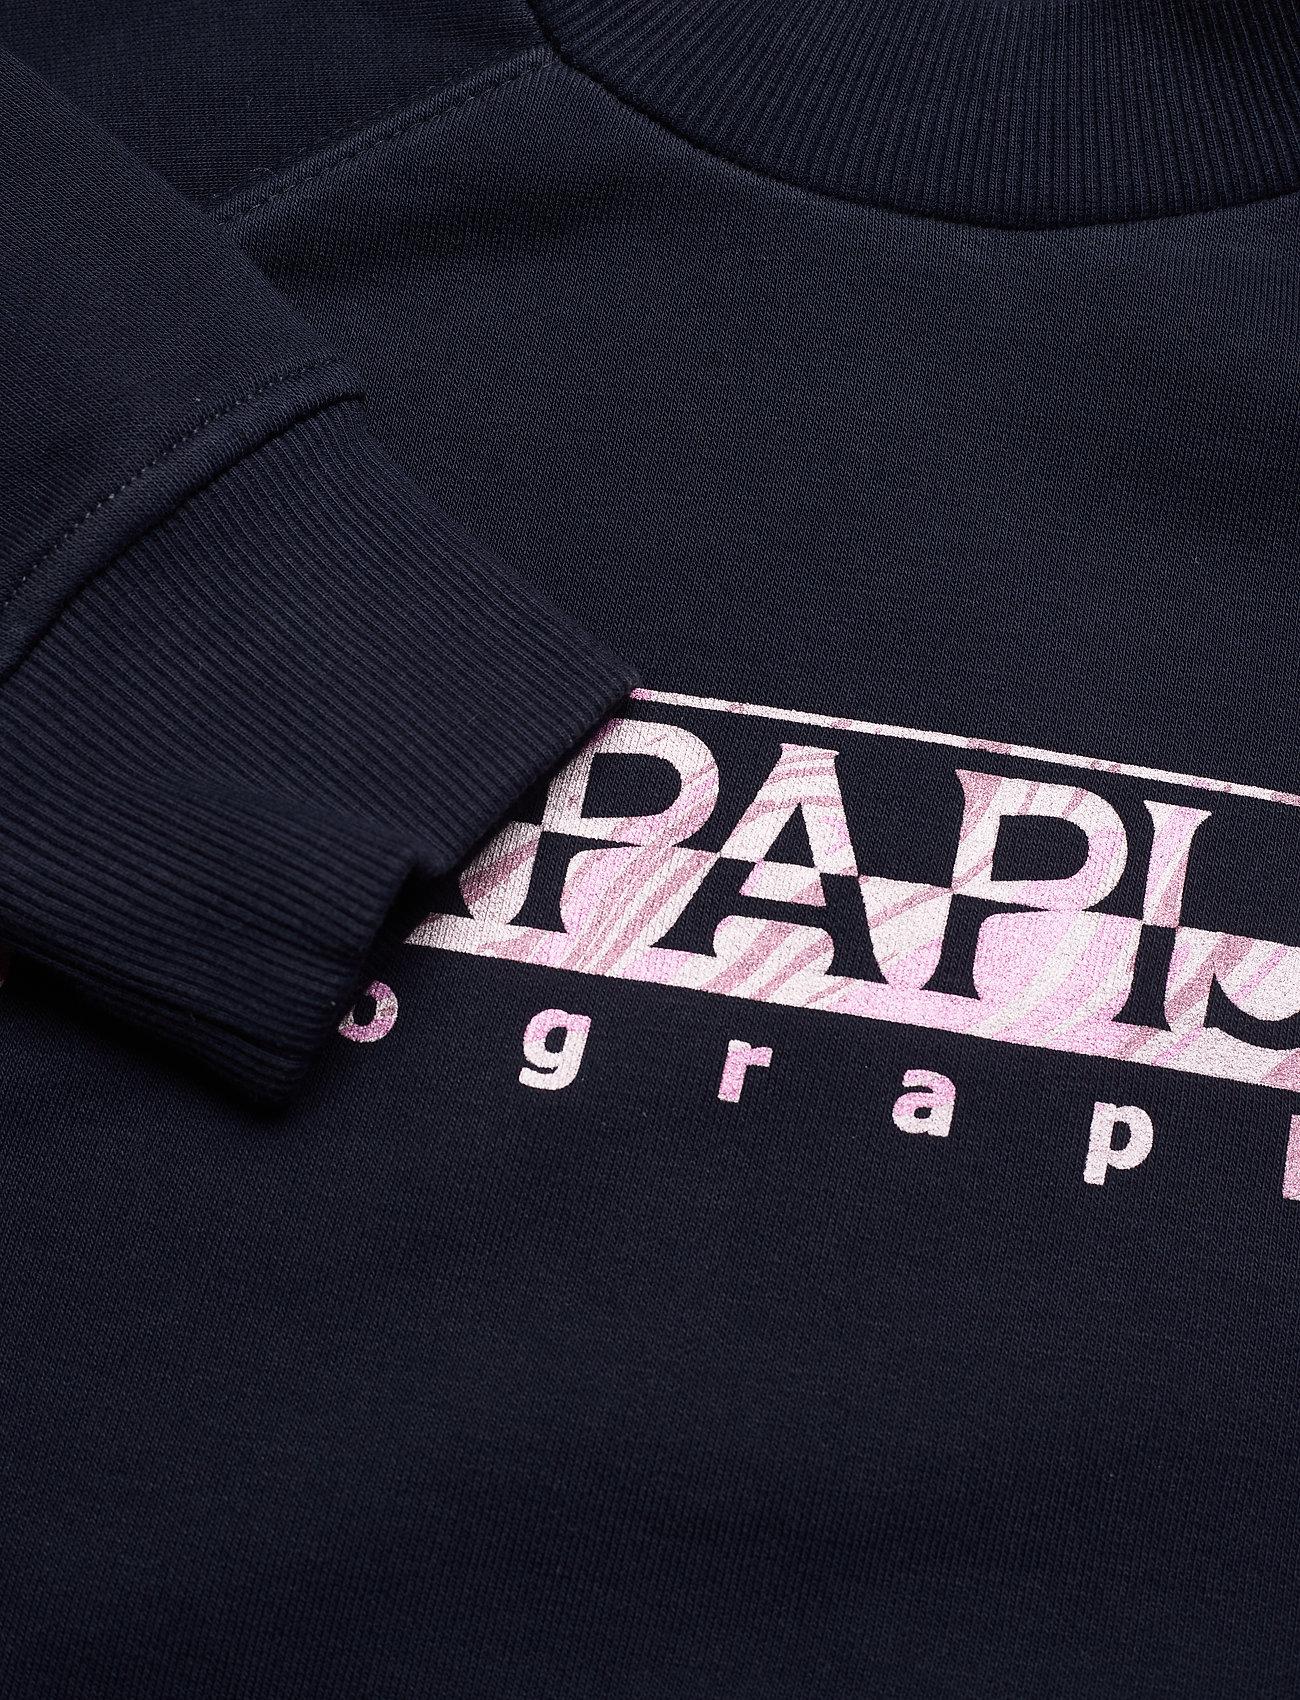 Napapijri - BILEA C - sweatshirts & hoodies - blue marine - 2